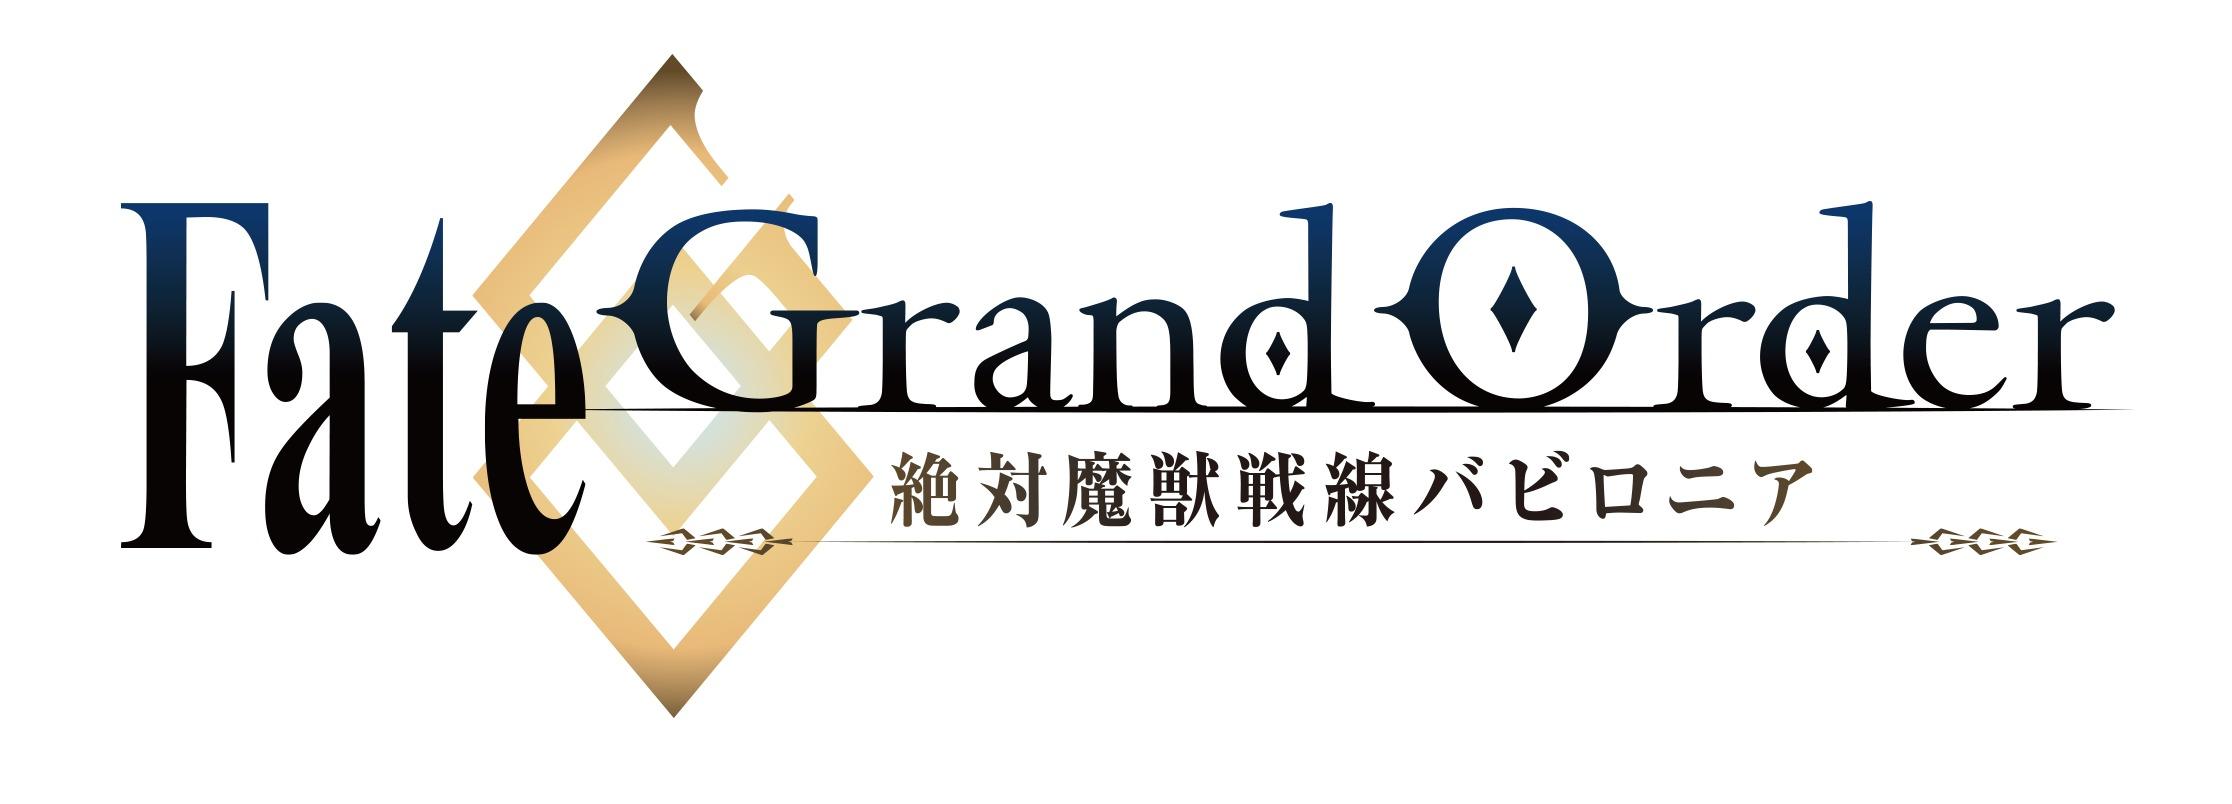 TVアニメ『Fate/Grand Order -絶対魔獣戦線バビロニア-』ロゴ (C)TYPE-MOON / FGO7 ANIME PROJECT